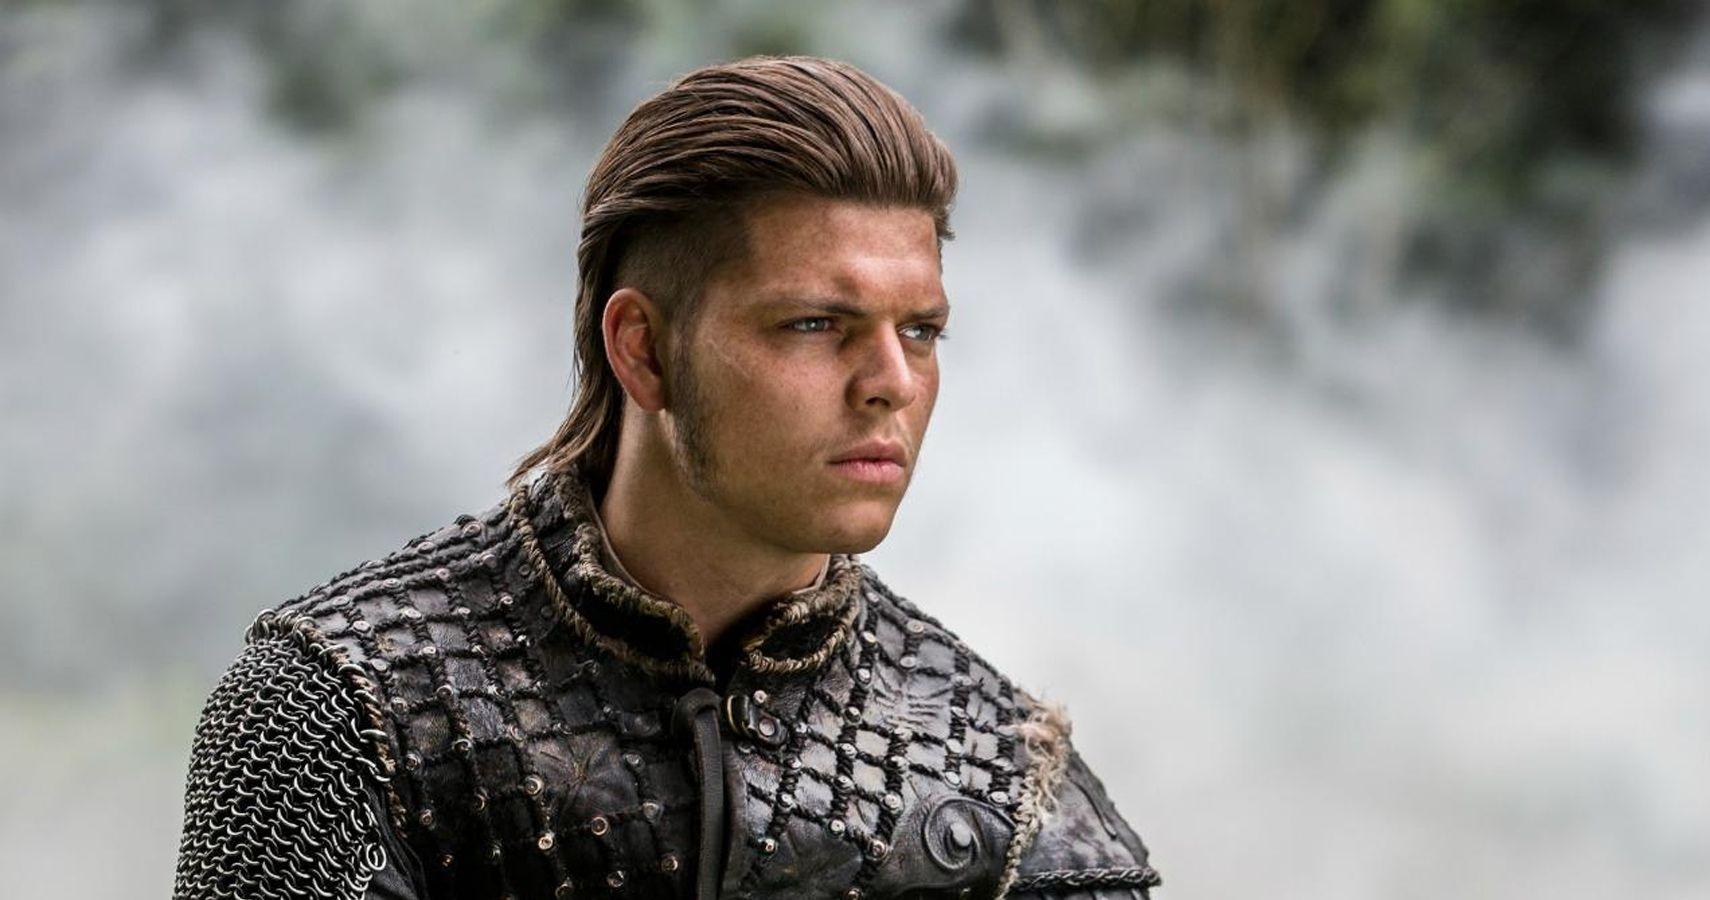 Vikings Ivar